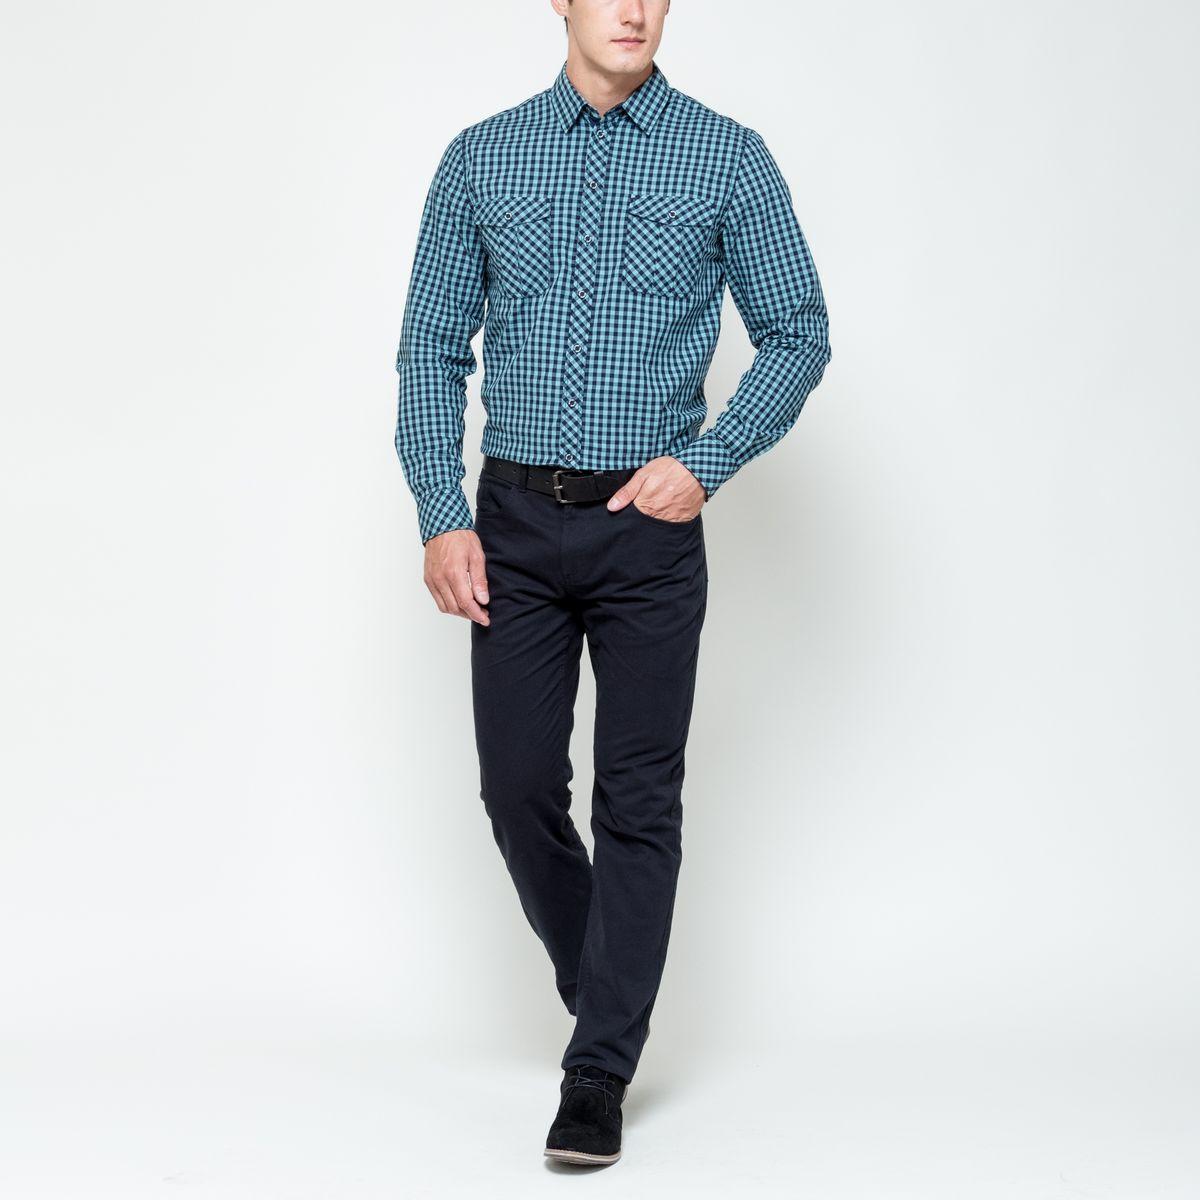 РубашкаH-212/706-6322Мужская рубашка выполнена из натурального хлопка. Модель с отложным воротником и длинными рукавами застегивается на пуговицы по всей длине. Манжеты рукавов дополнены застежками-пуговицами. На груди рубашка дополнена накладными карманами с клапанами на пуговицах.